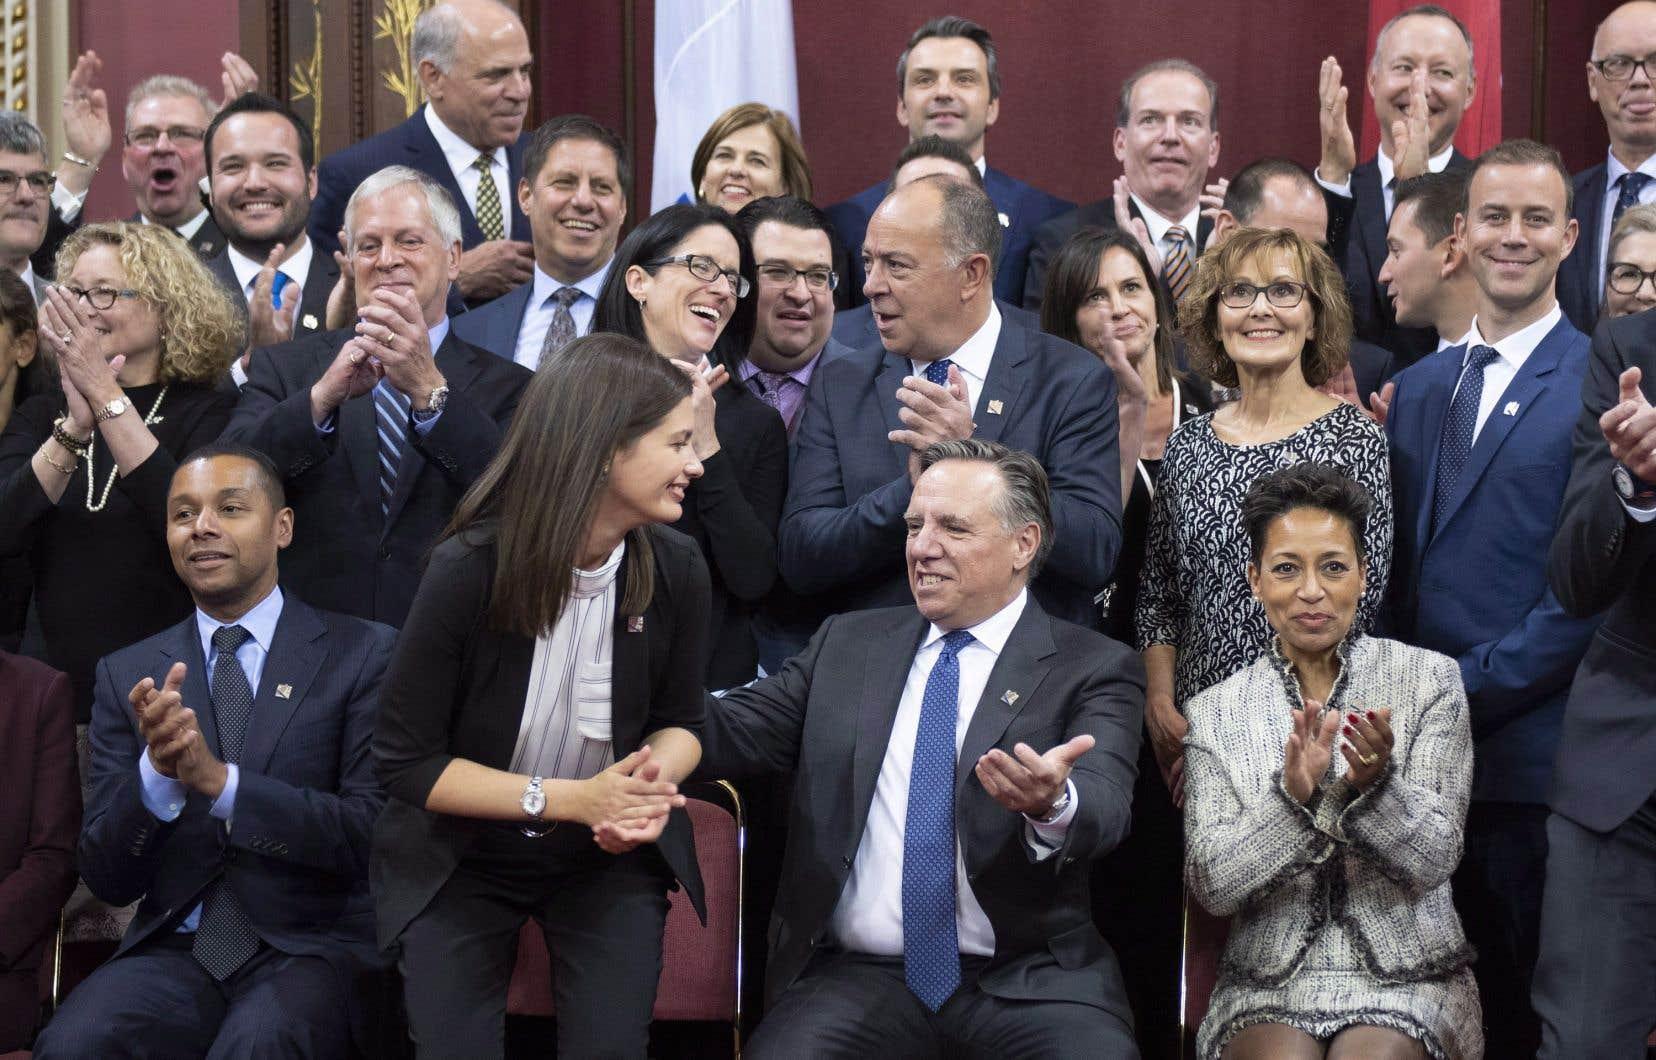 La députée Geneviève Guilbault serre la main du premier ministre désigné François Legault dans le Salon rouge de l'Assemblée nationale.